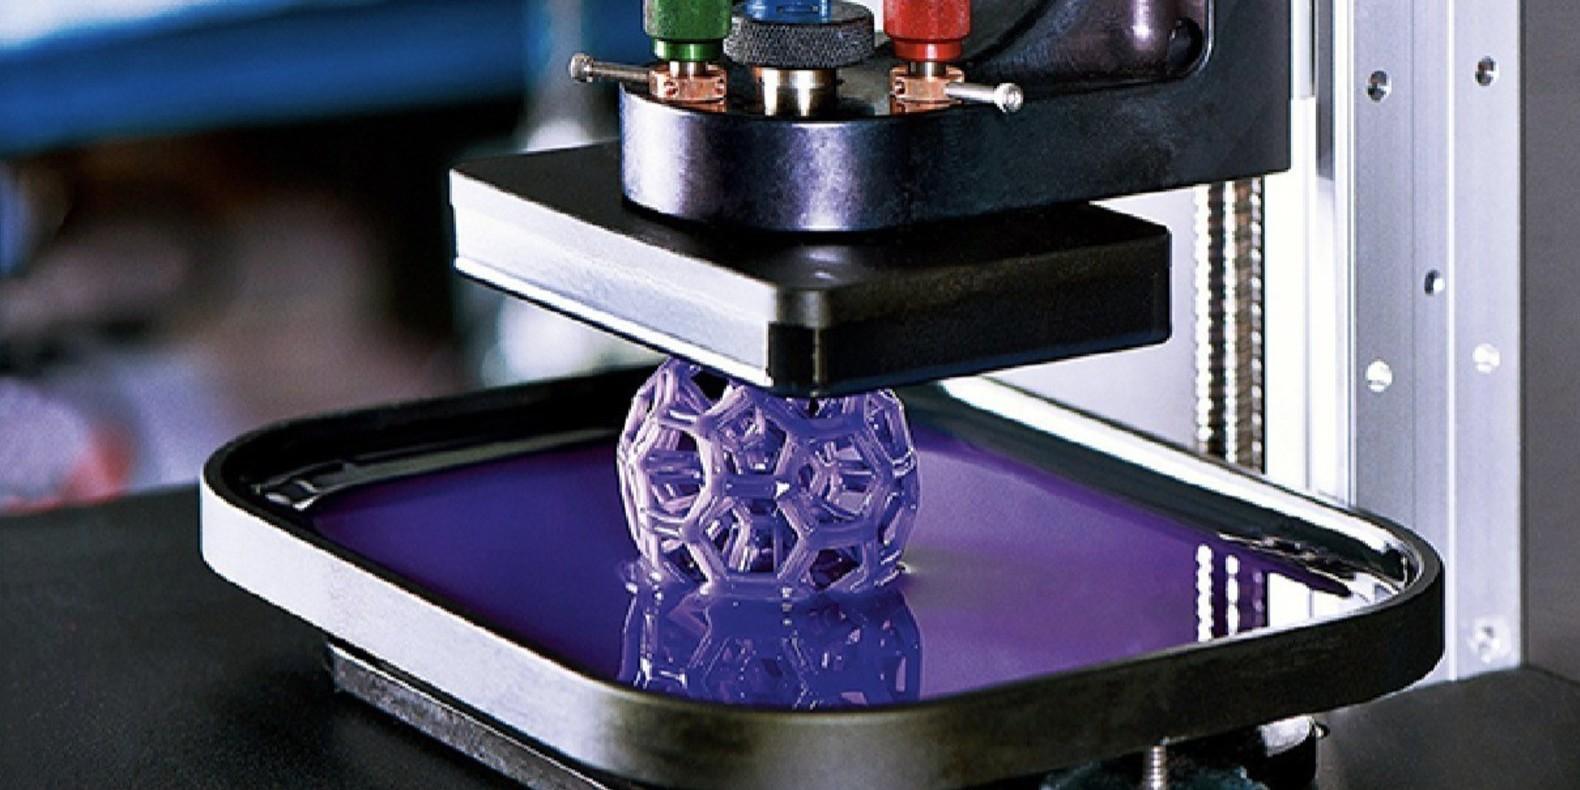 La fabrication hybride combine l'impression 3D et l'usinage CNC